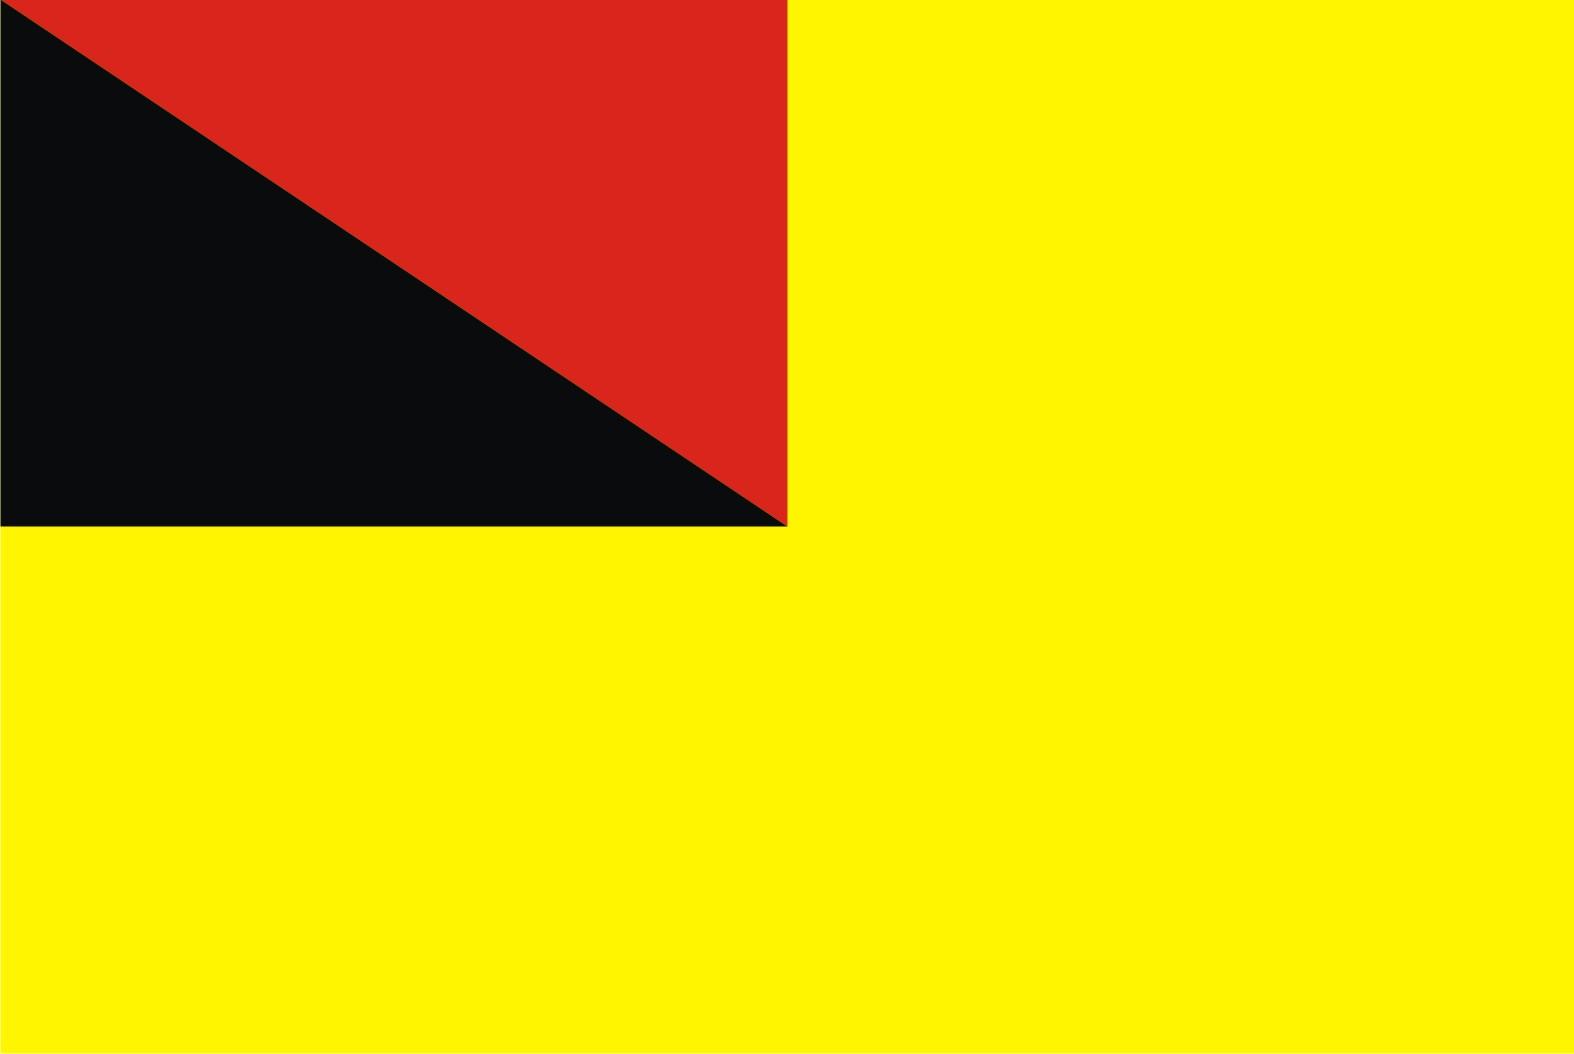 http://4.bp.blogspot.com/-8-VKFaNrqE8/ThGbFhmB0XI/AAAAAAAAD6s/xKZc0g_JgR8/s1600/bendera+Negeri+Sembilan+Darul+Khusus.jpg